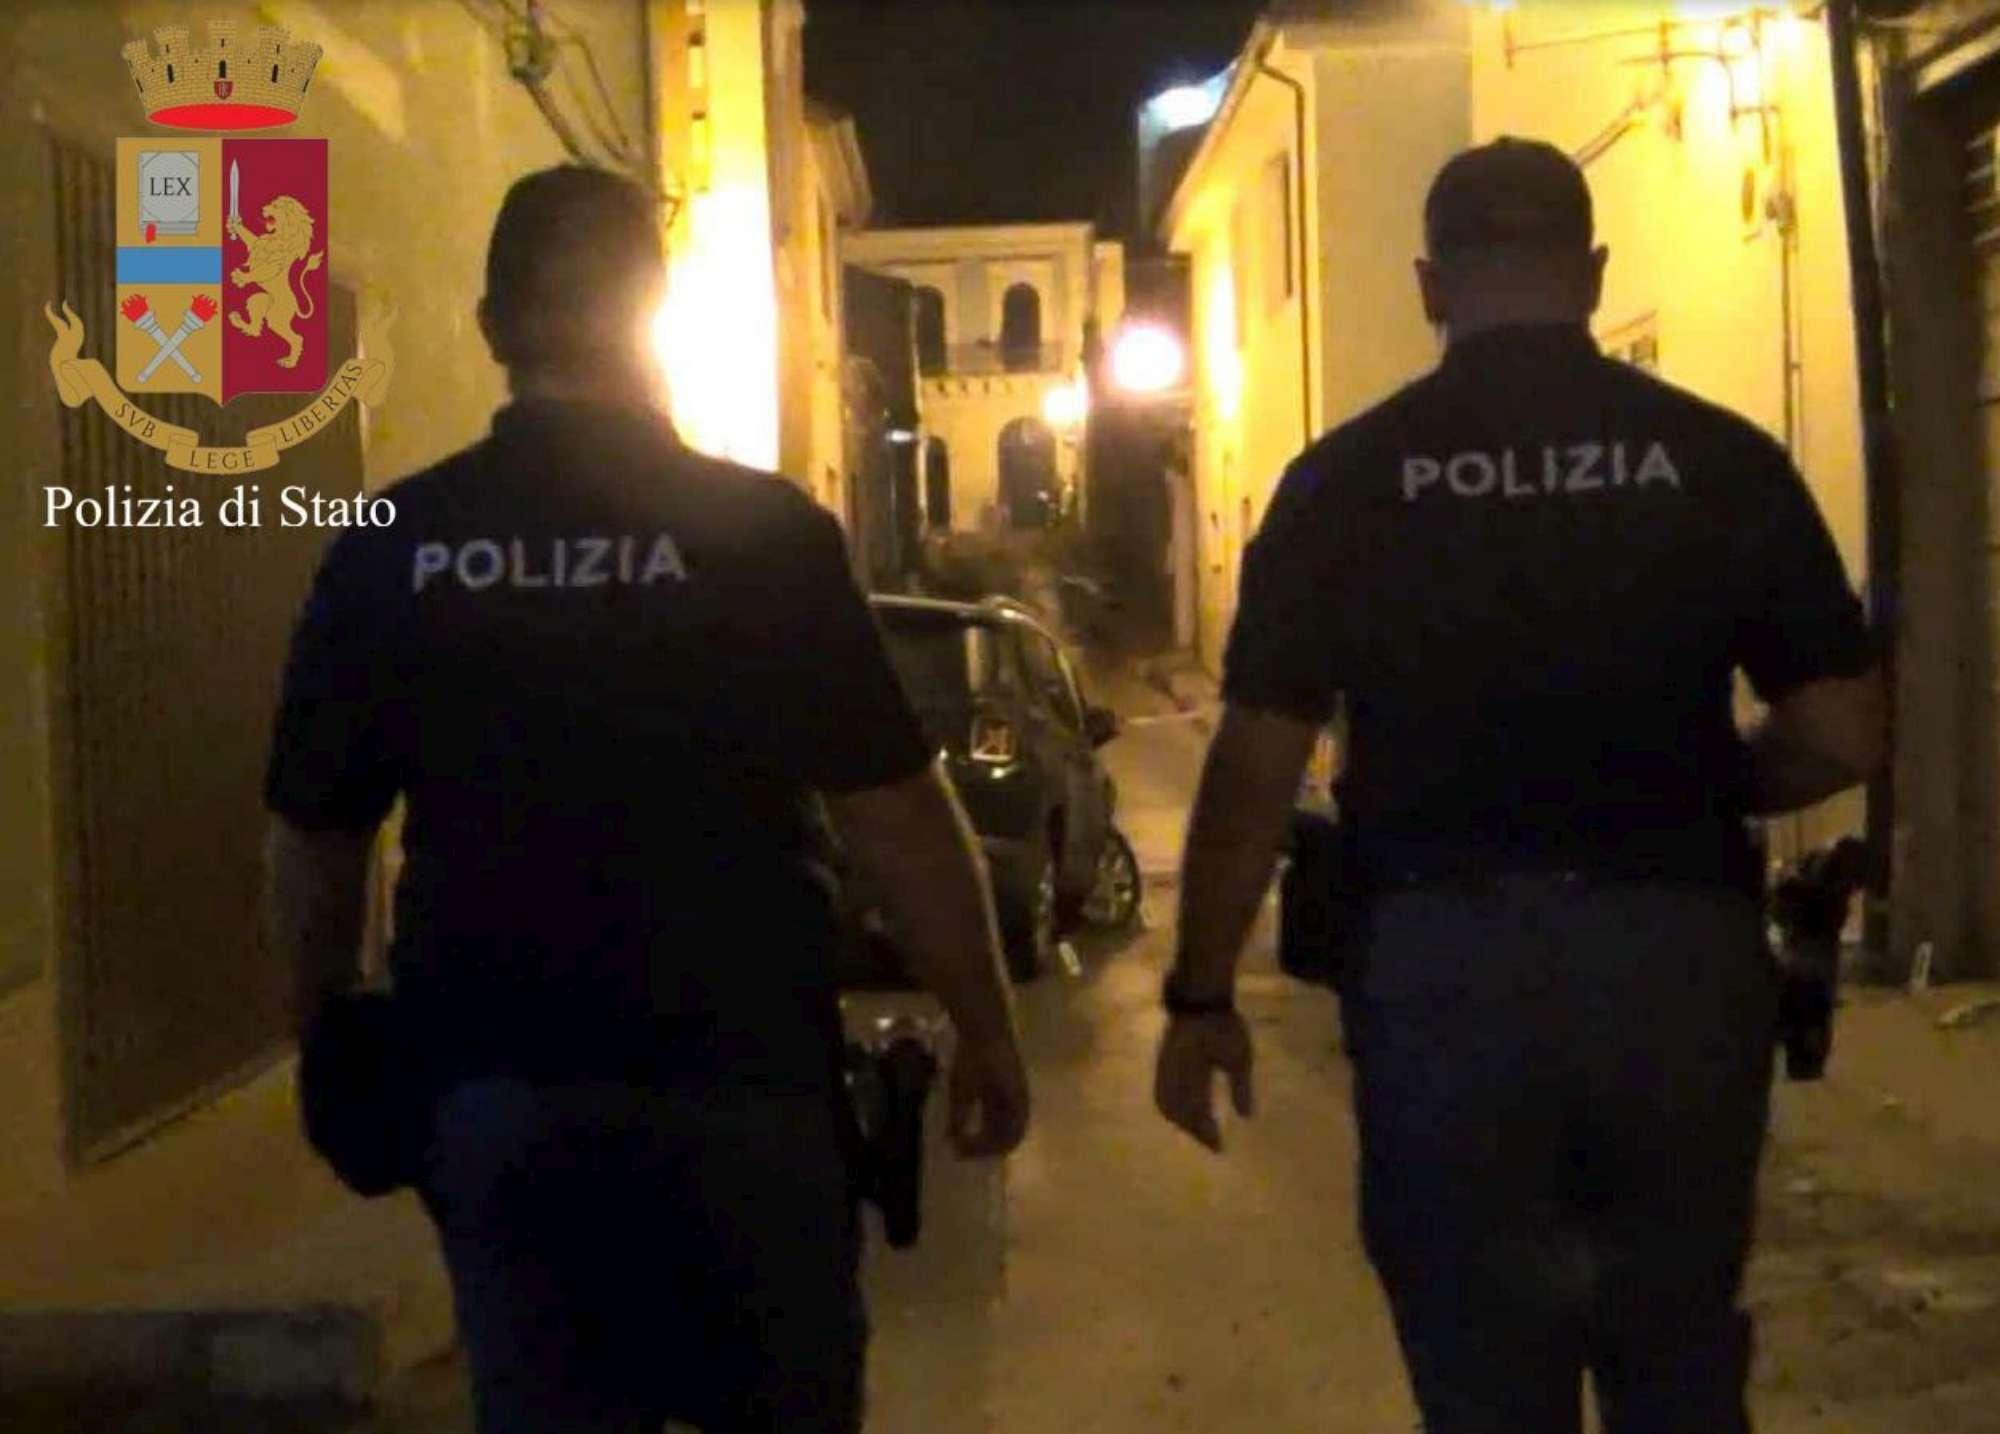 Ragusa, positivo a droga e alcol travolge due cuginetti poi fugge: uno è morto, l altro ha perso le gambe